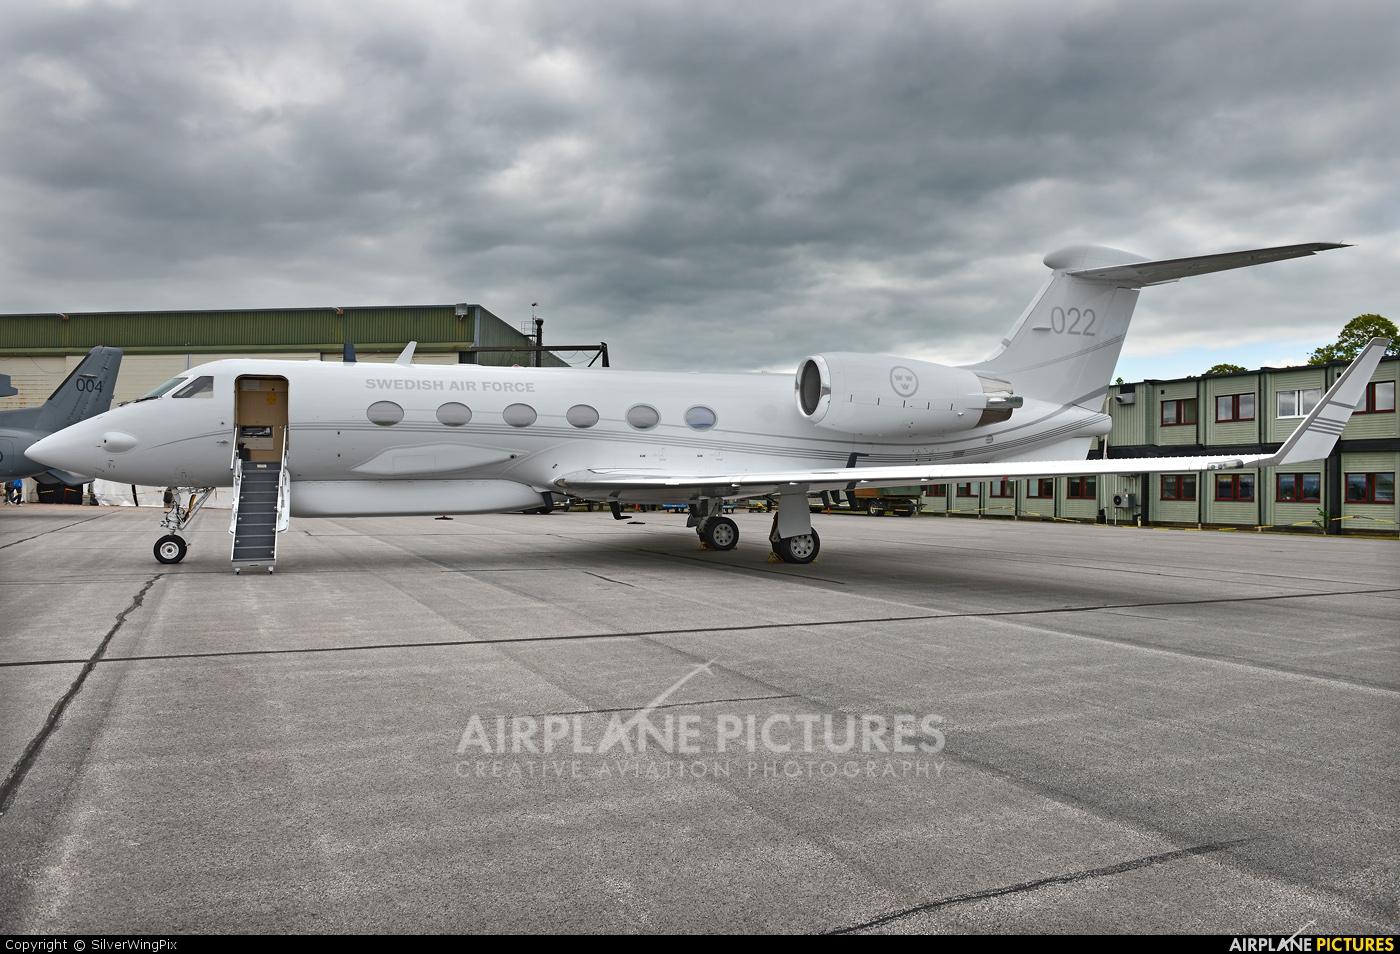 Sweden - Air Force 102002 aircraft at Malmen